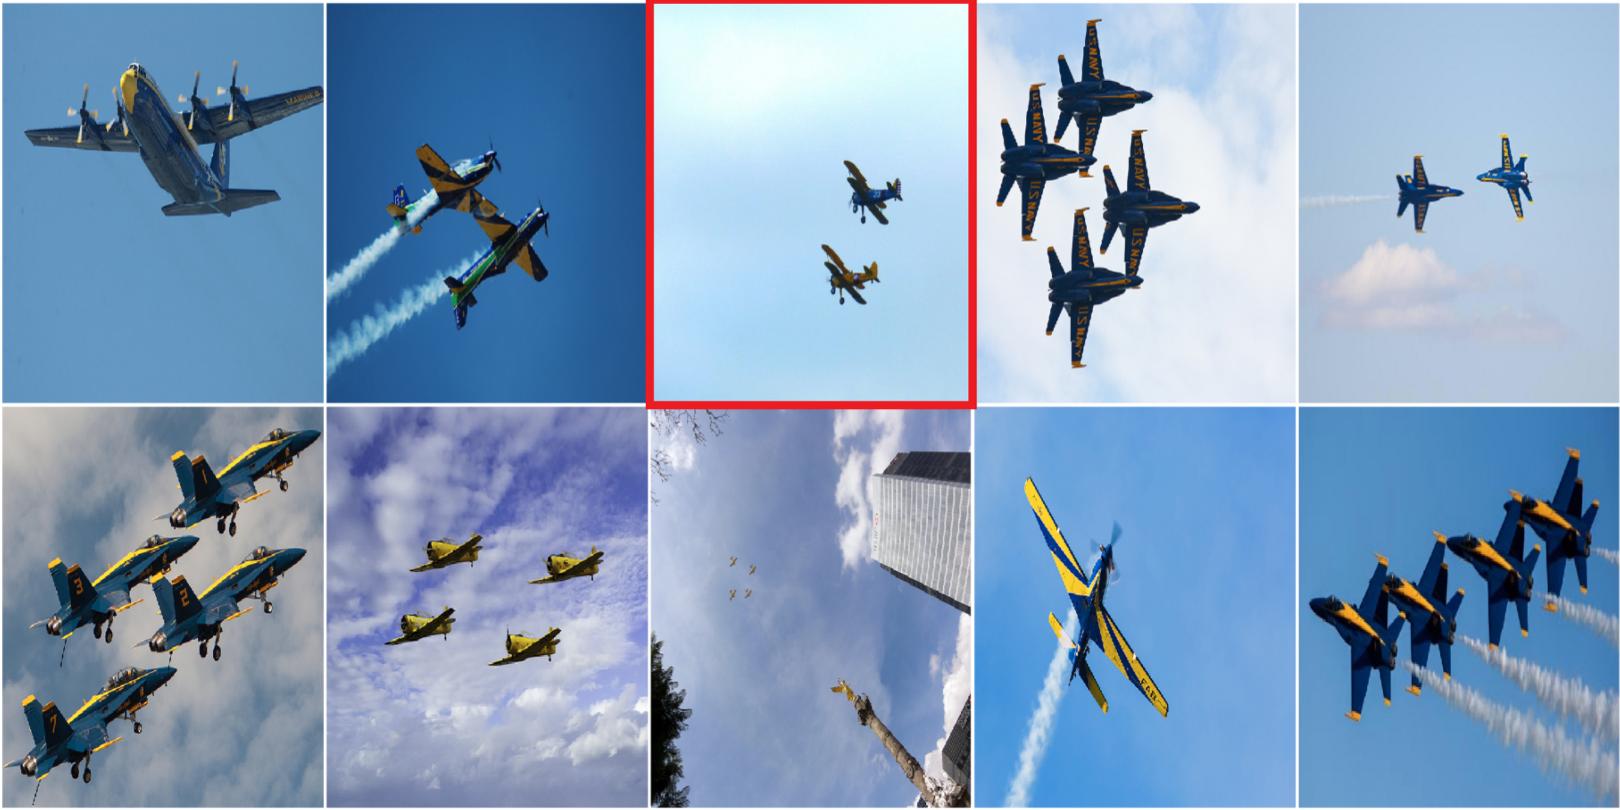 Результат по запросу «сине-желтые бипланы, летящие рядом друг сдругом», изображение в красной рамке — достоверное изображение